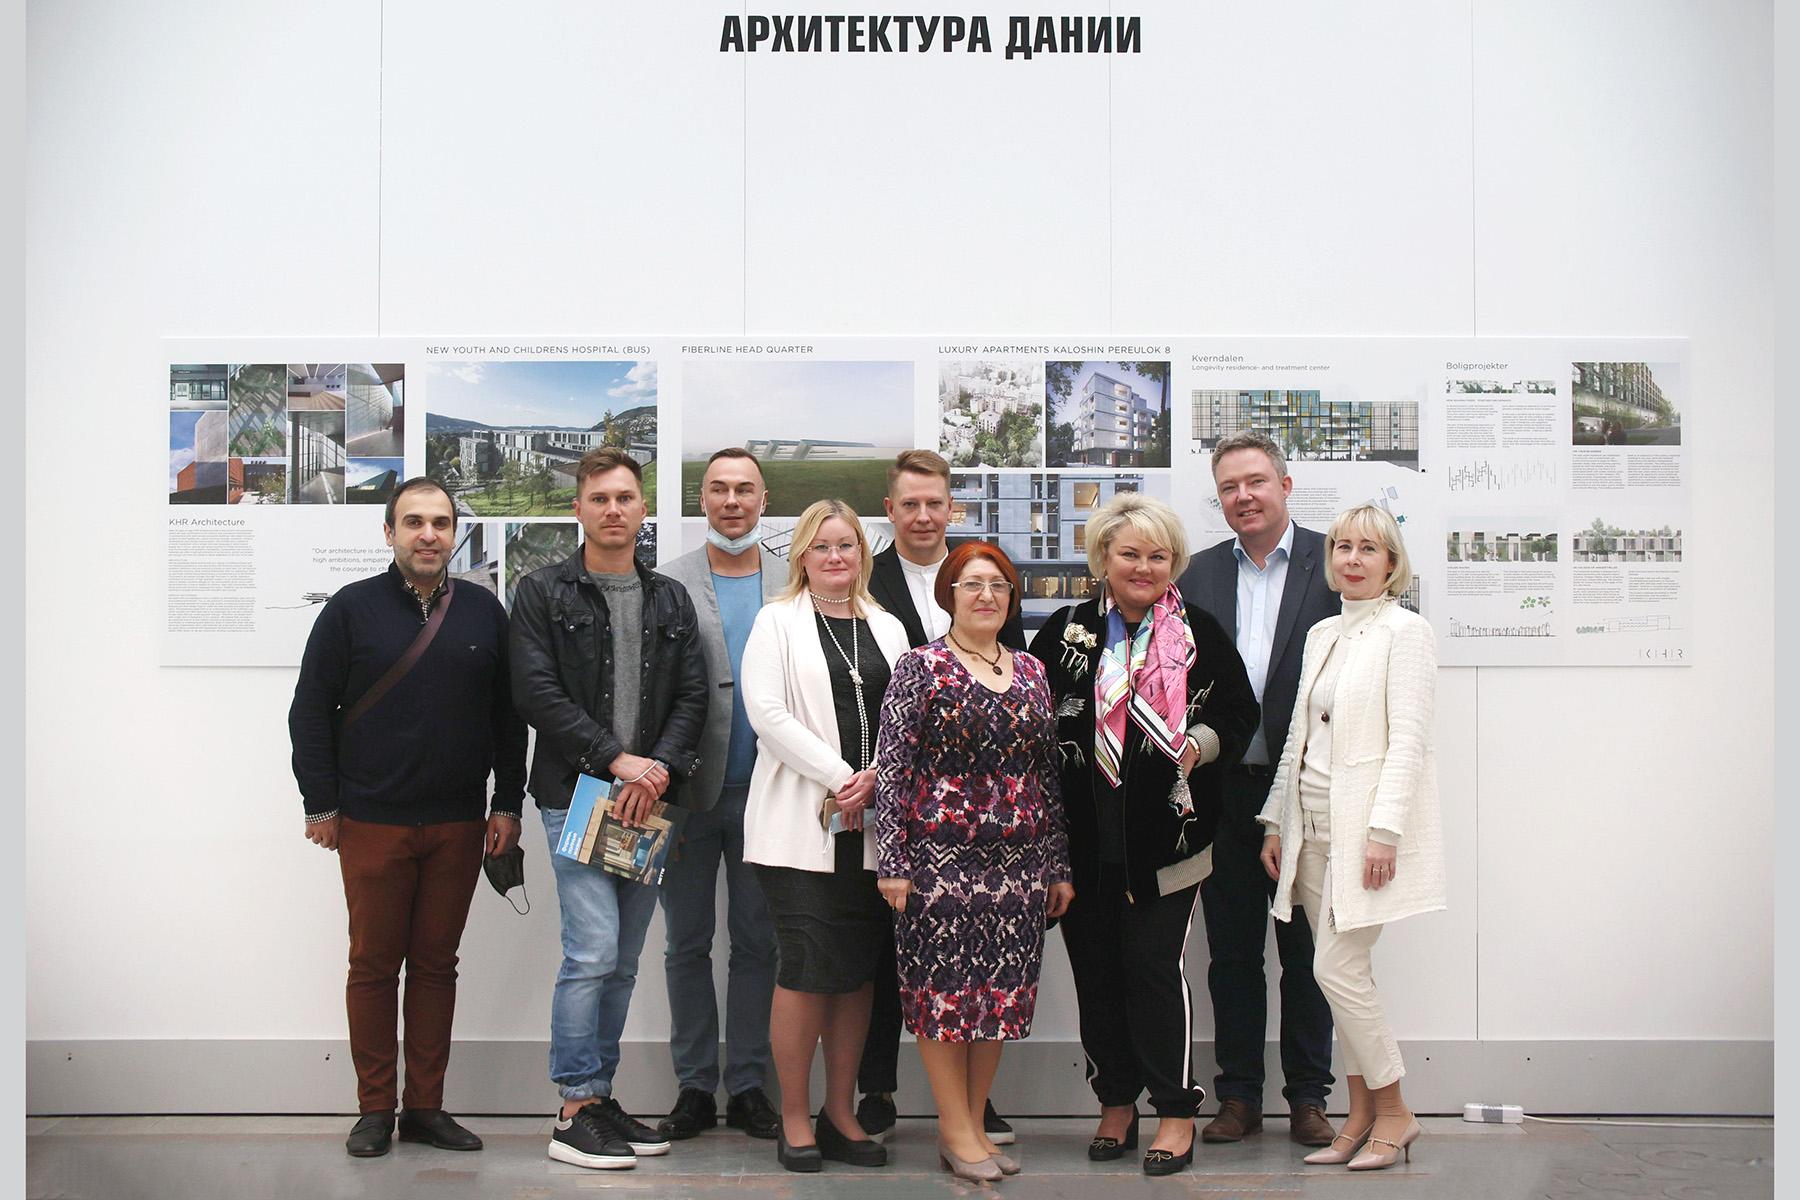 Дни архитектуры и дизайна Дании на выставке АРХ Москва